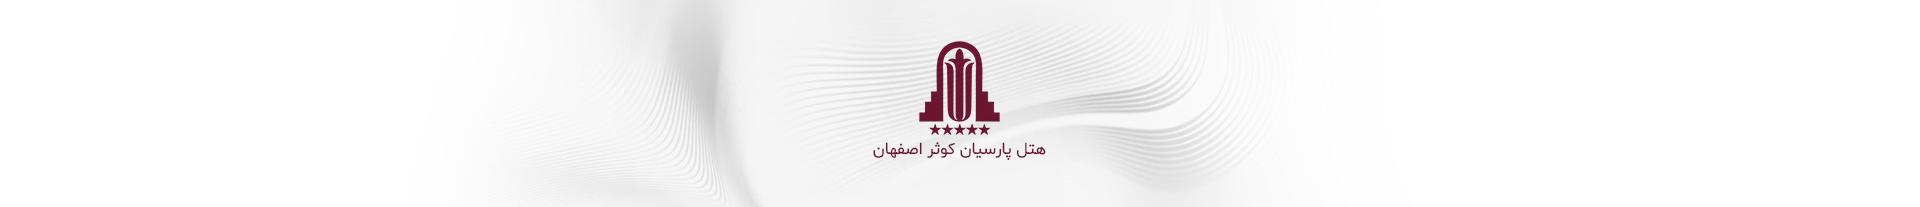 کد تخفیف هتل پارسیان کوثر اصفهان